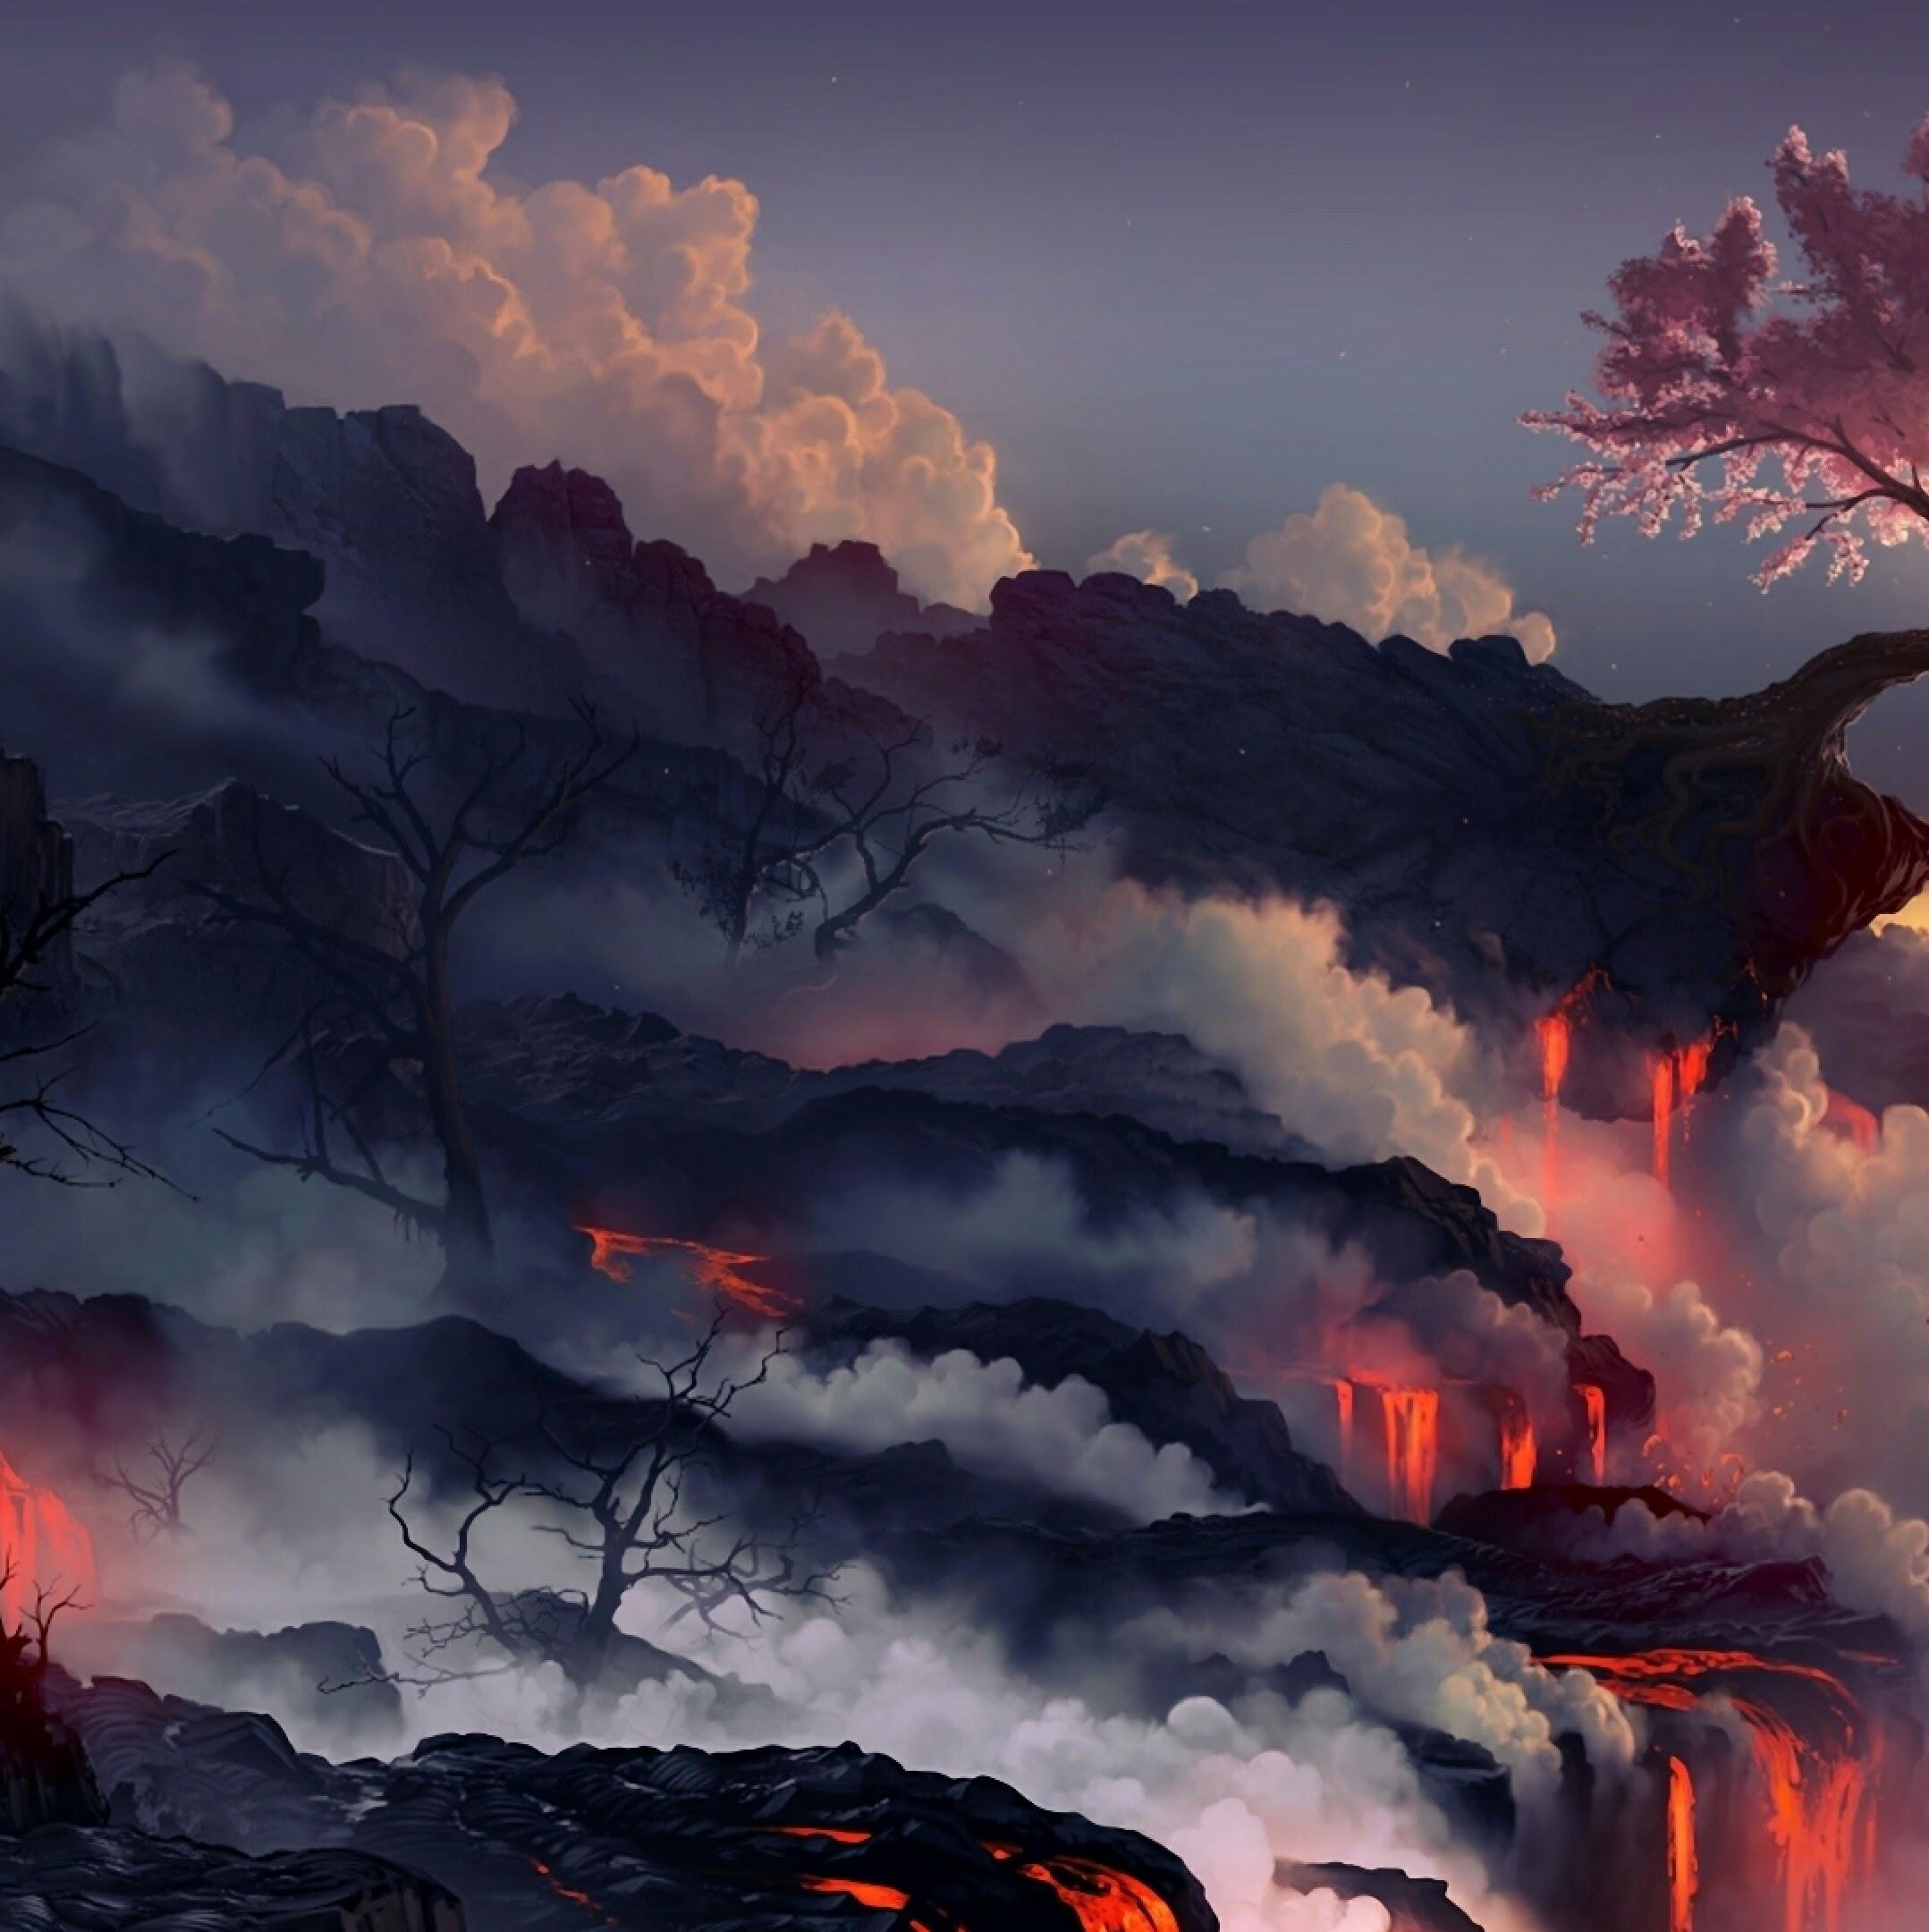 izverzhenie_lava_vulkan_sakura_derevo_45542_3840x2160.jpg